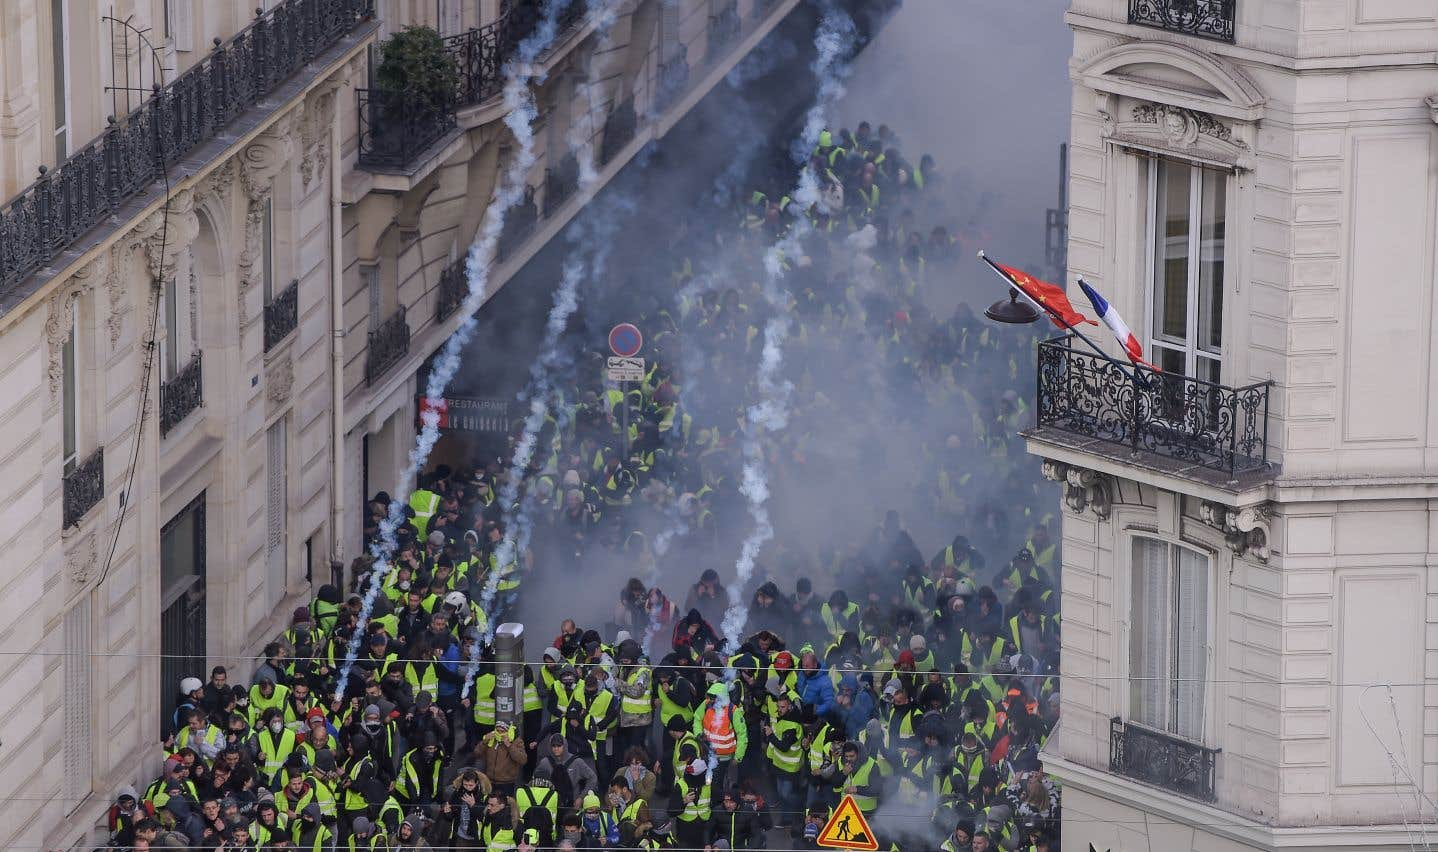 Un groupe de manifestants et des policiers anti-émeutes s'affrontent au milieu de gaz lacrymogènes sur les Champs-Élysées, à Paris.